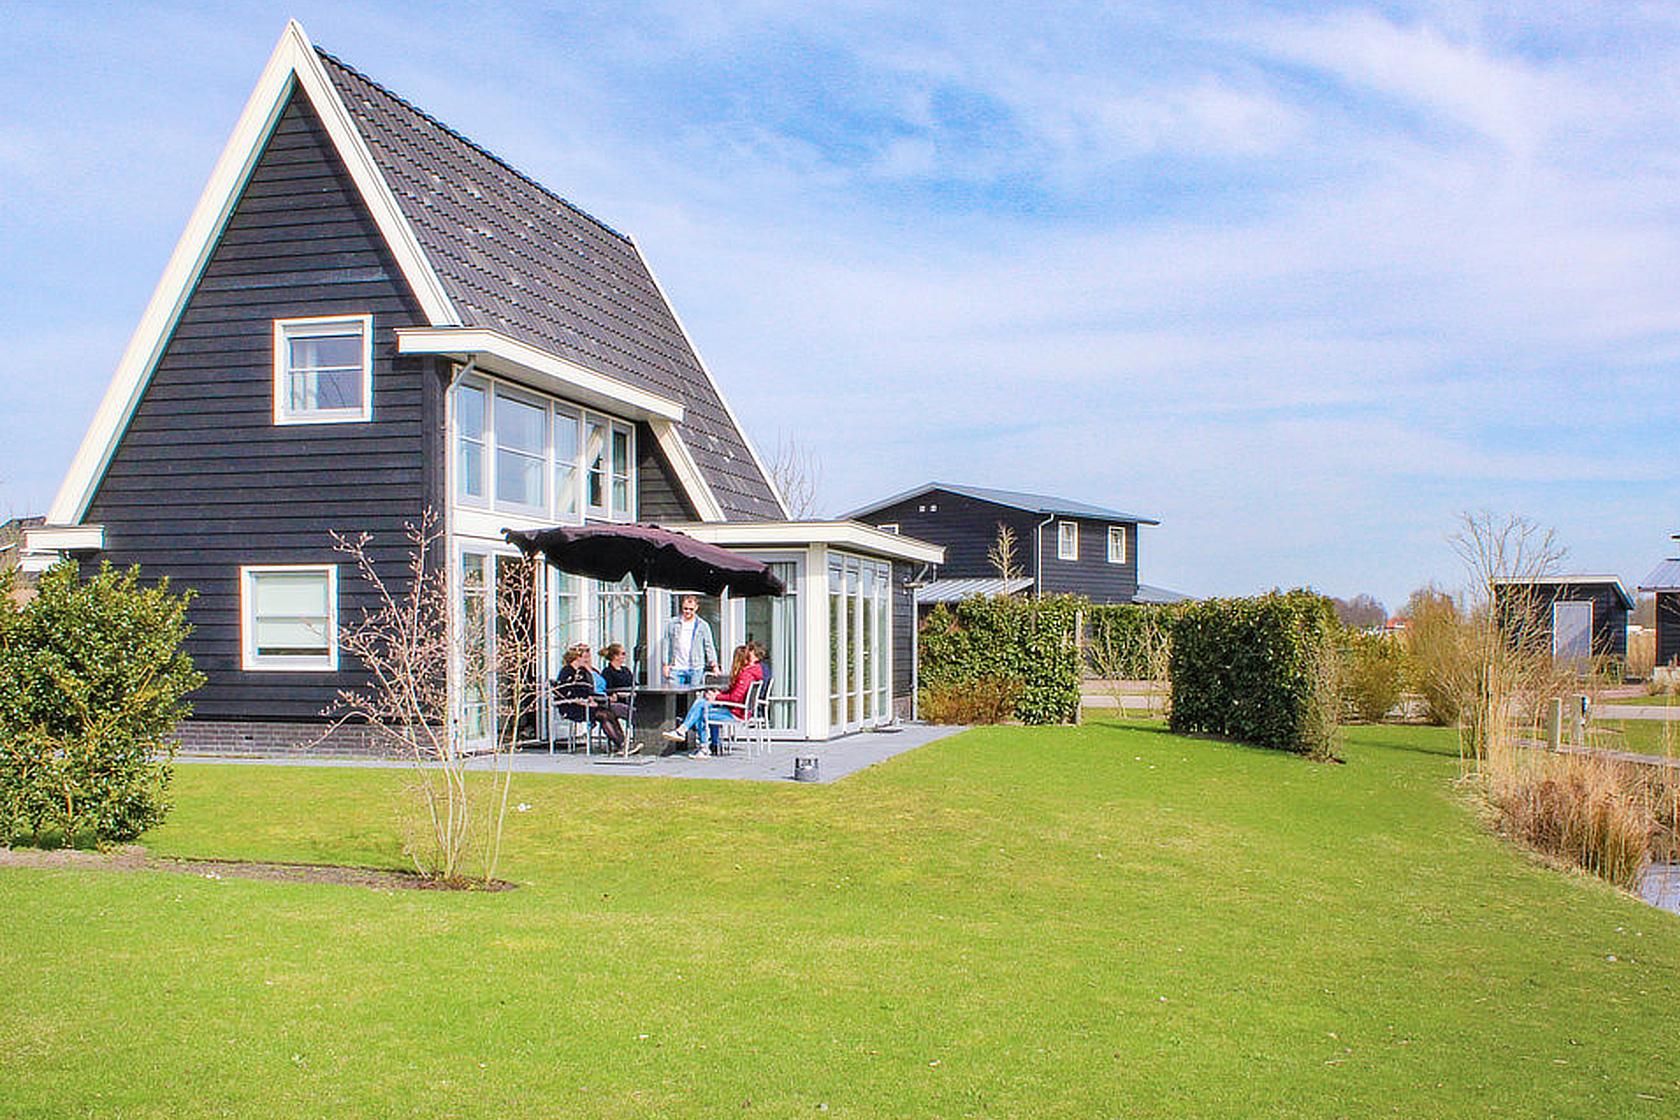 vakantiehuisjes aan de Nederlandse kust